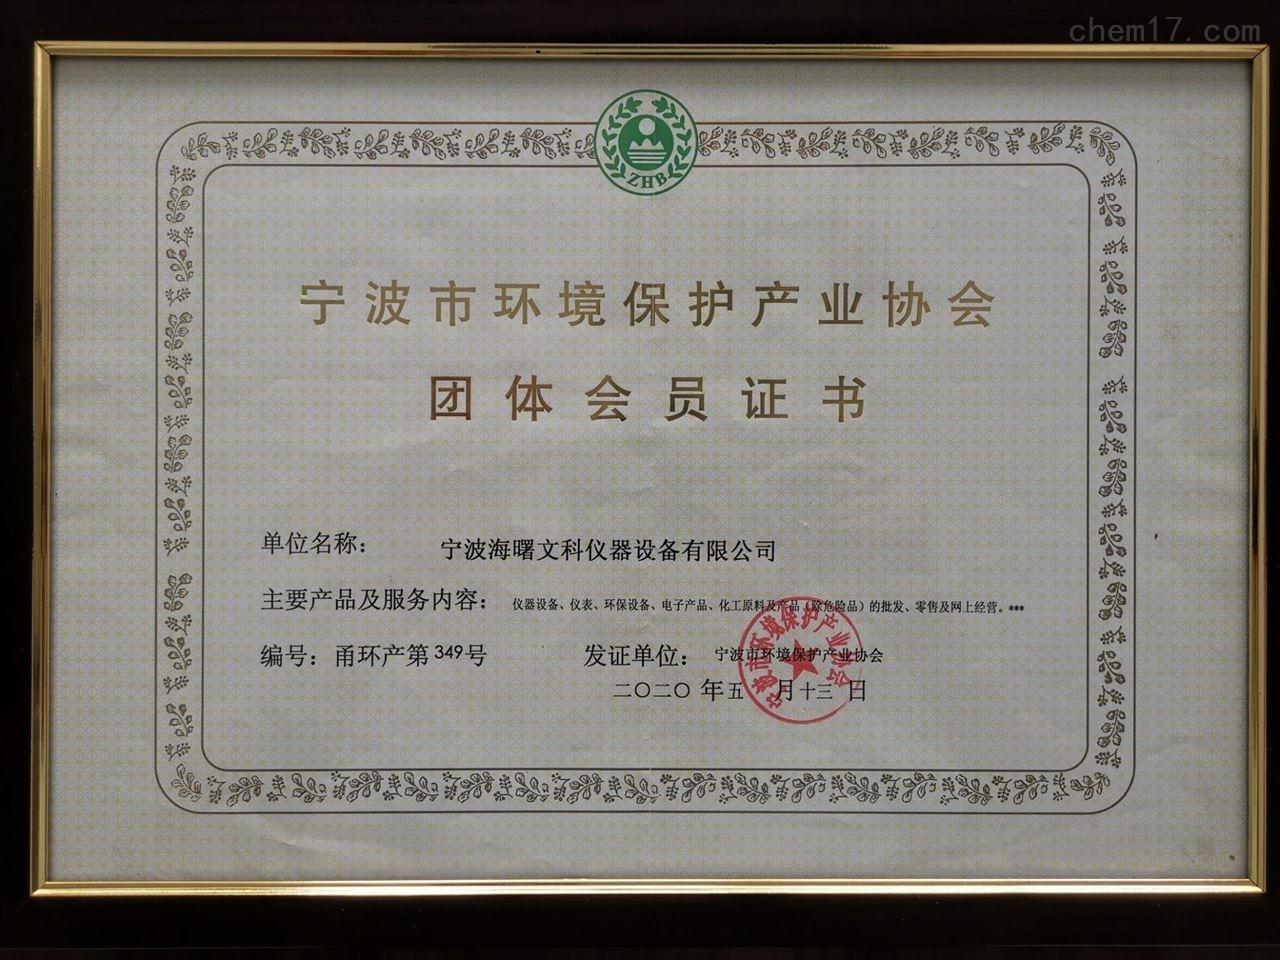 宁波市环境保护协会证书